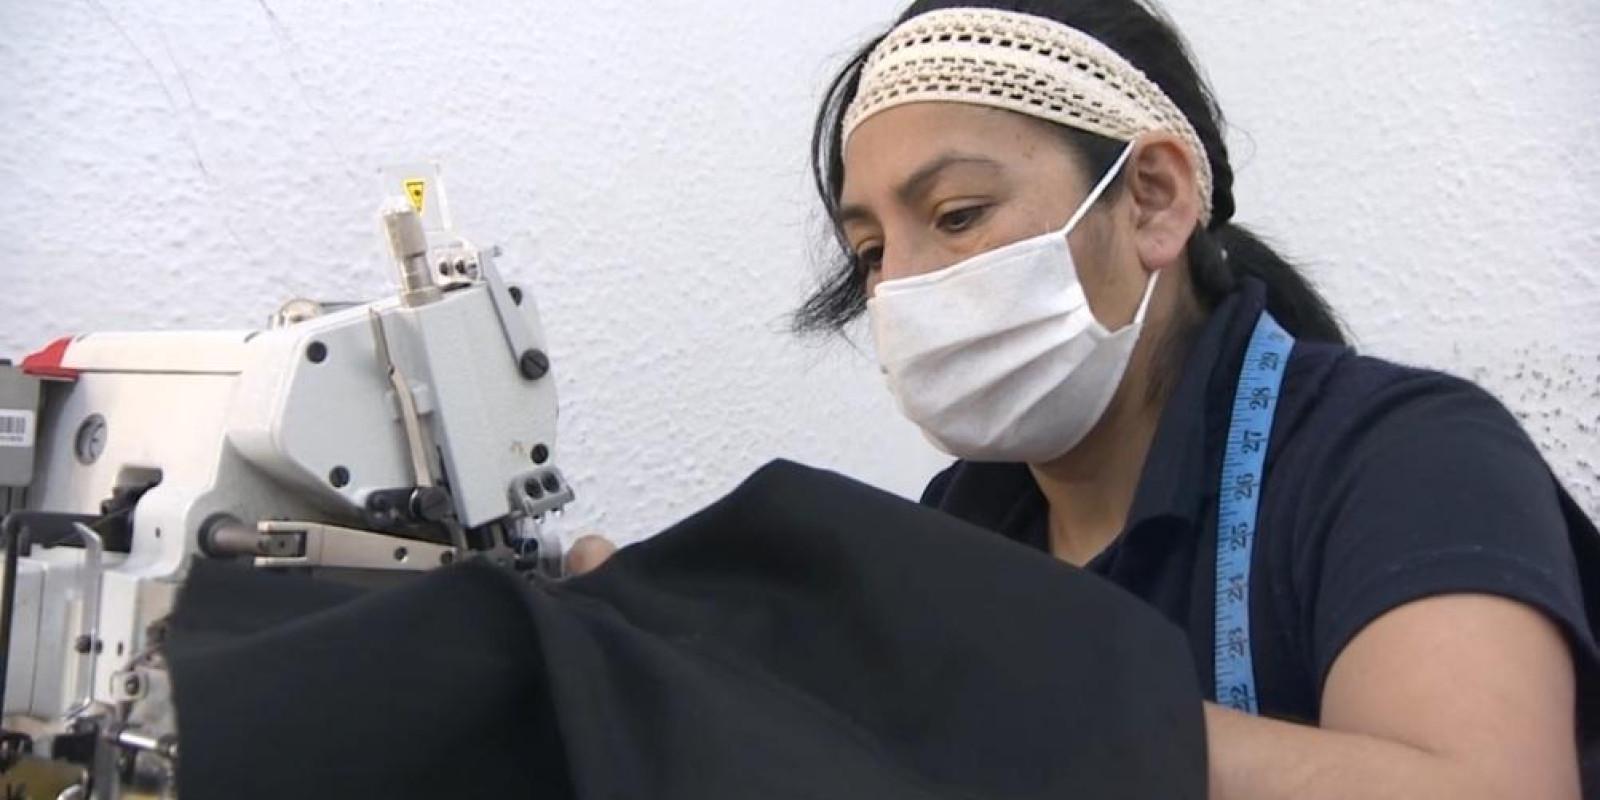 ONG promove relações justas de trabalho para imigrantes no setor de confecção de roupas